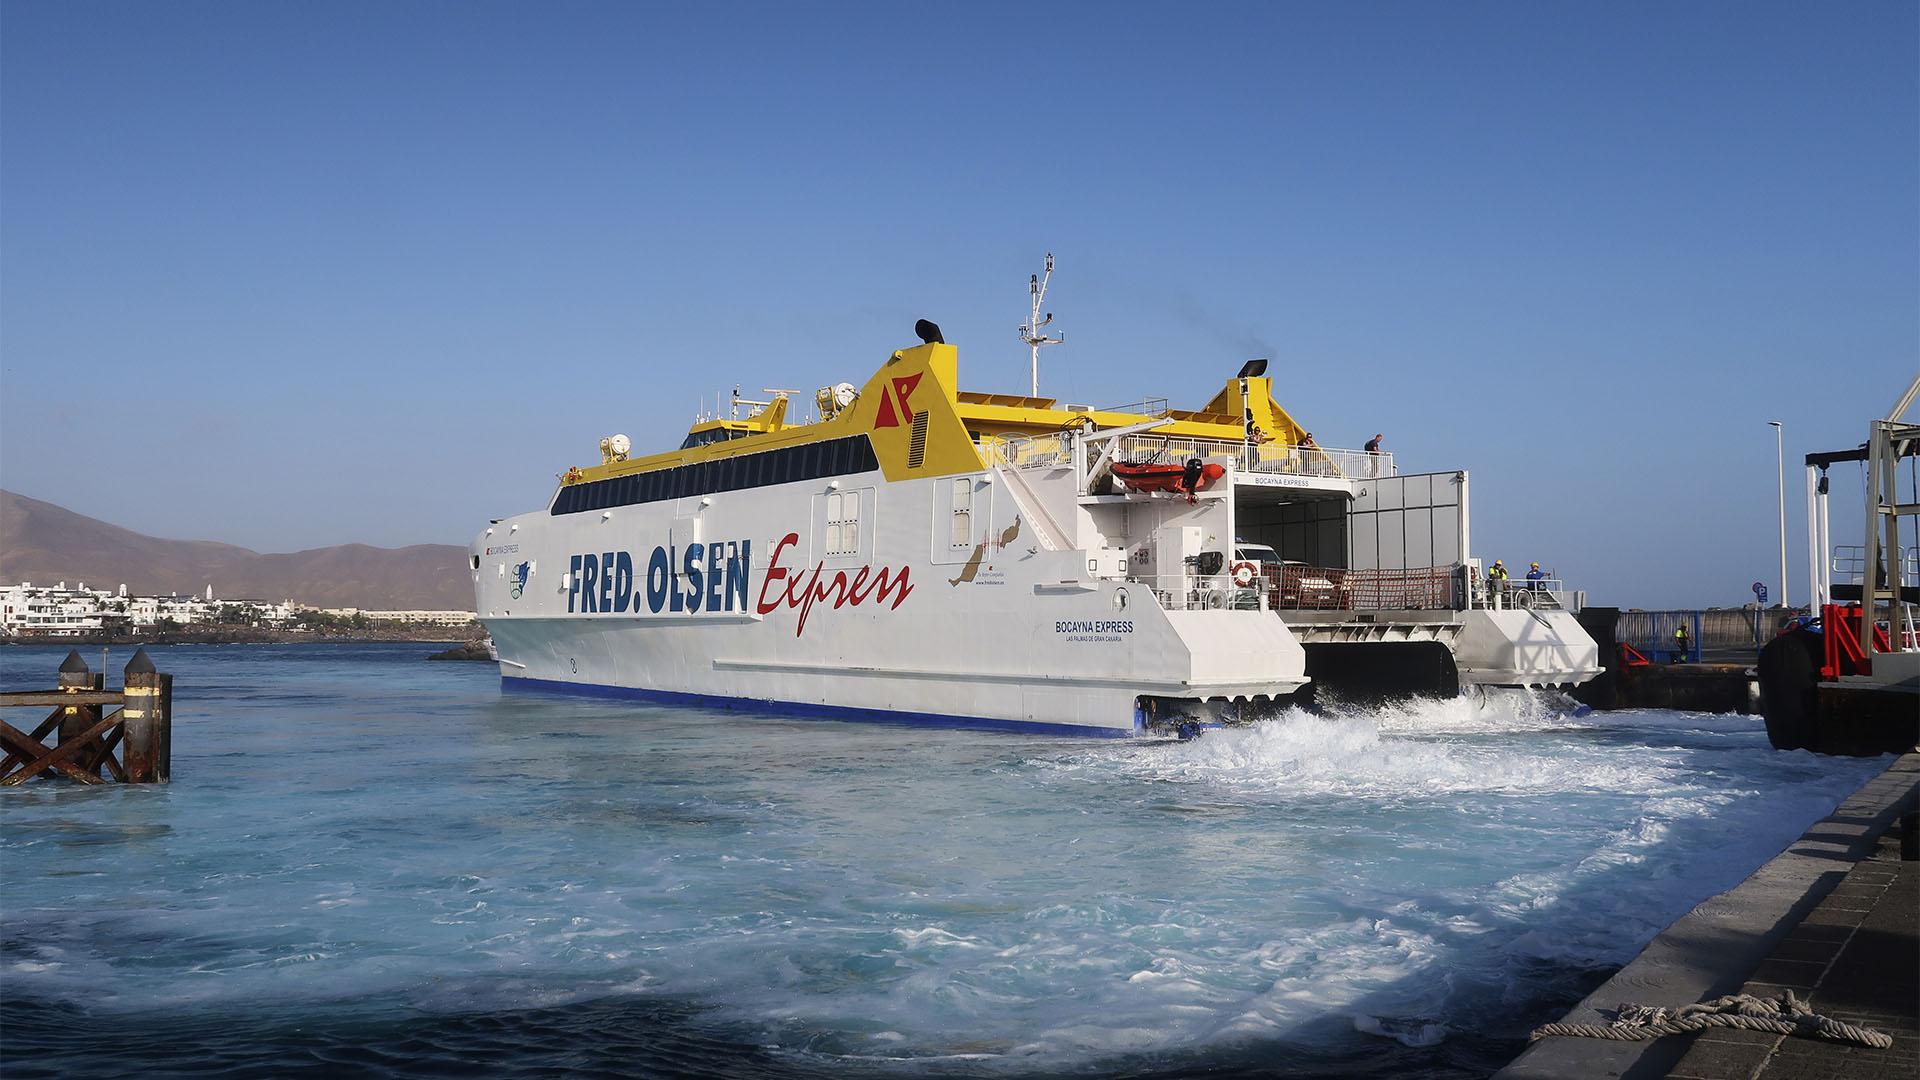 Die Fred Olsen Jet Fähre läuft in Playa Blanca Lanzarote ein. Die Jetmotoren sprudeln das Wasser des gesamten Hafenbeckens auf.